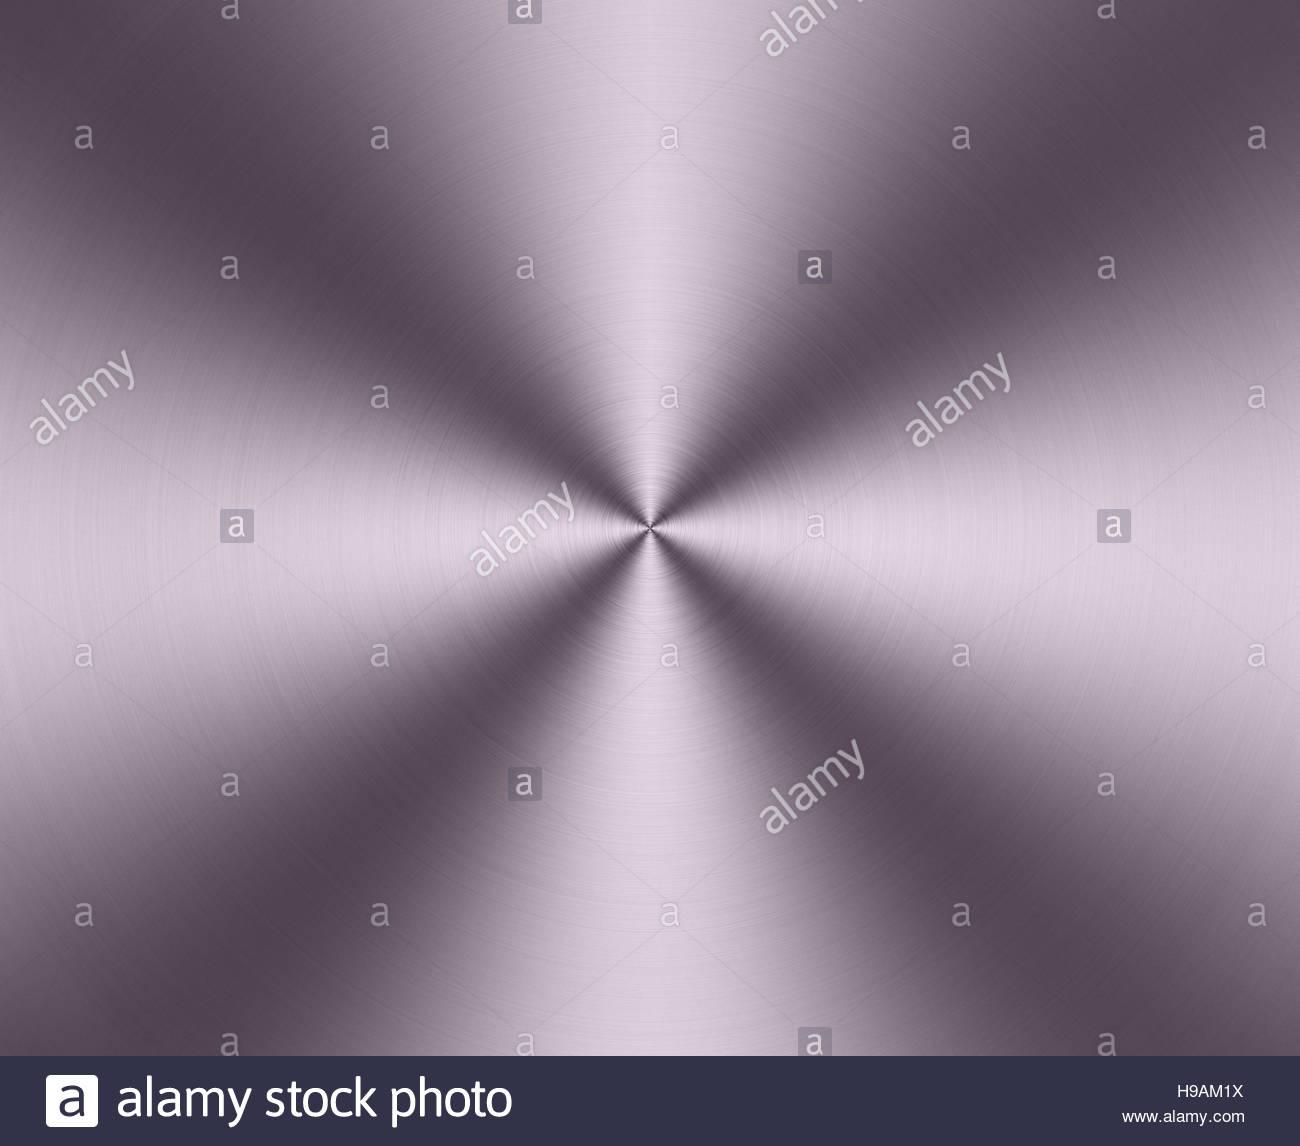 rundschreiben aus geburstetem metall platte textur hell glanzende zusammenfassung hintergrund h9am1x